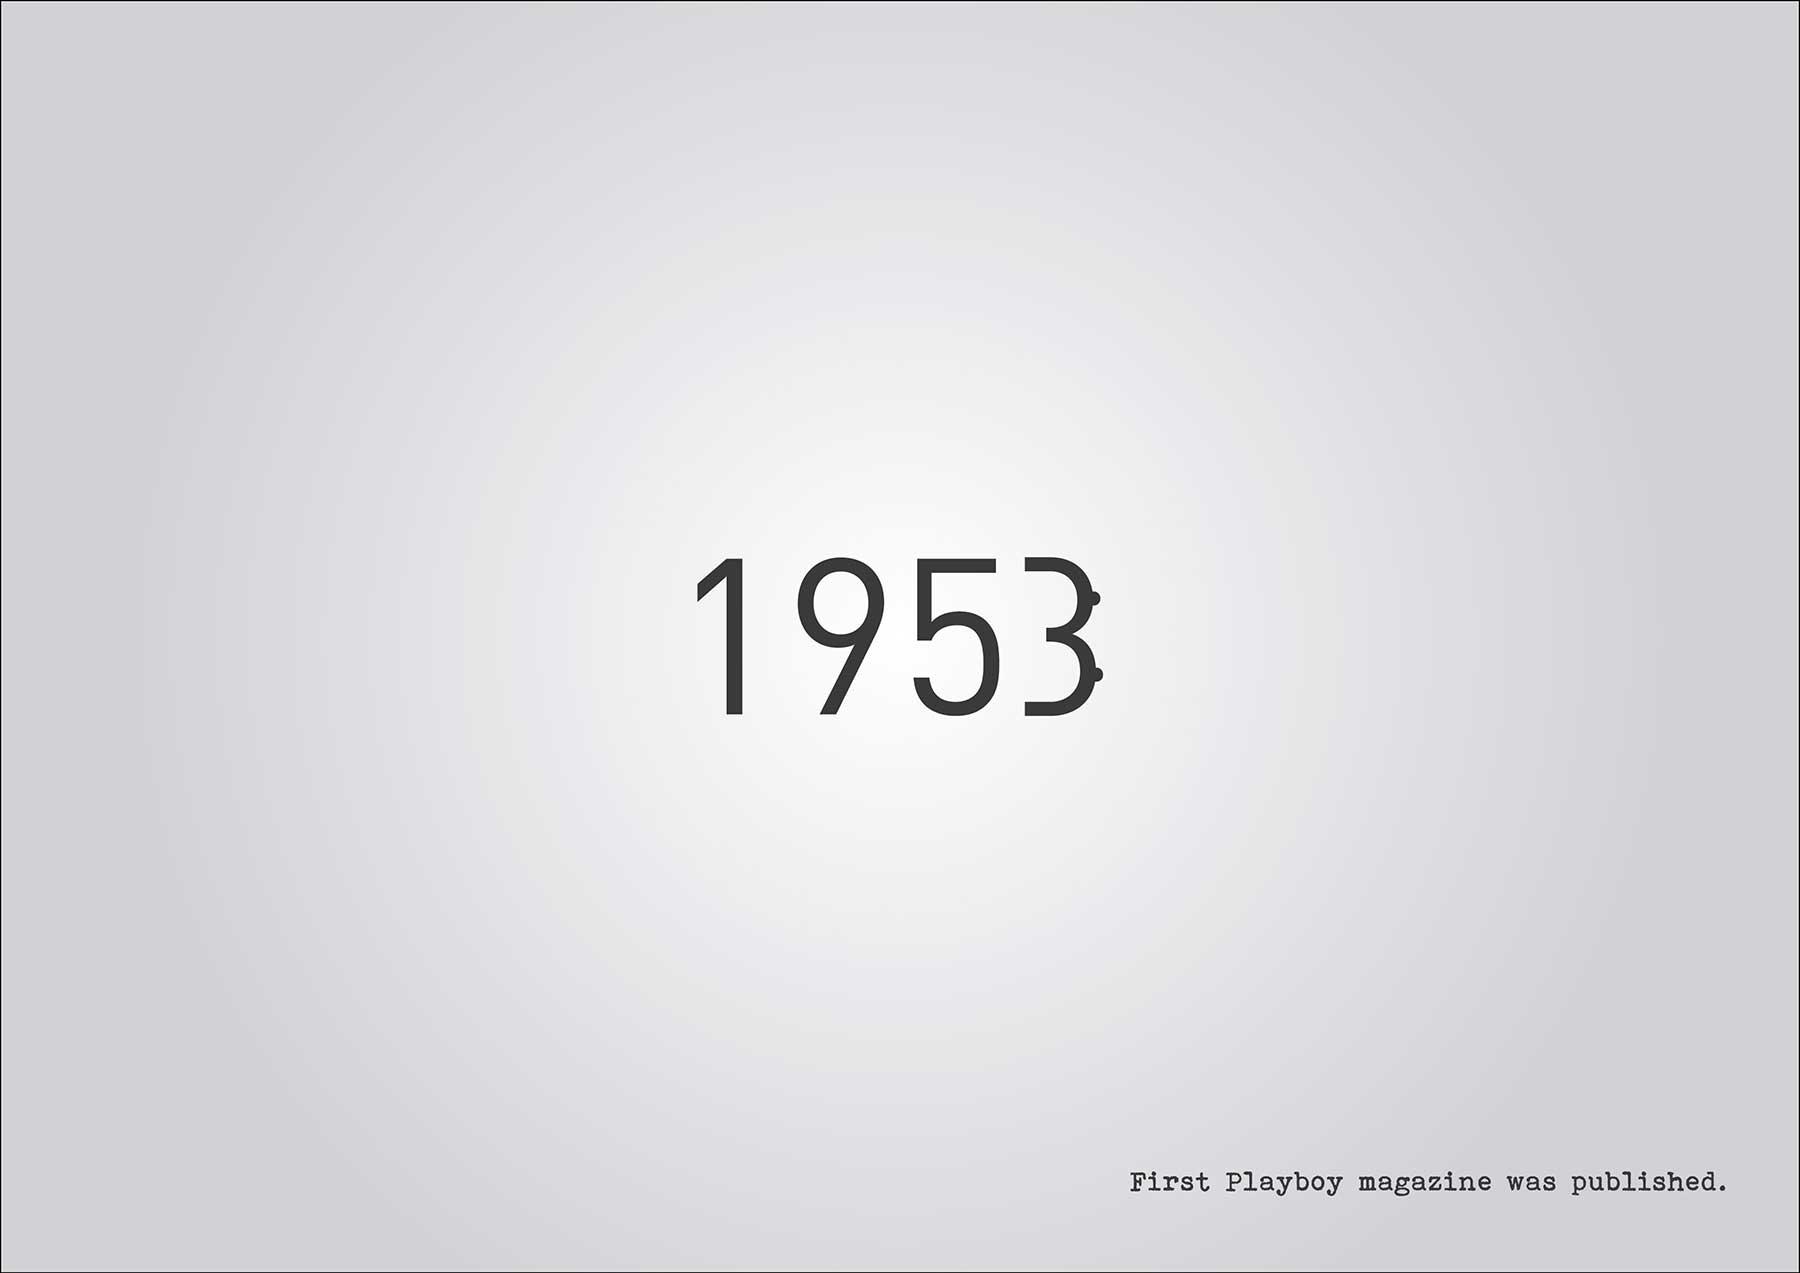 Jahreszahlen anhand ihrer Geschehnisse gestaltet Digital-Chronicles-jahreszahlen_06